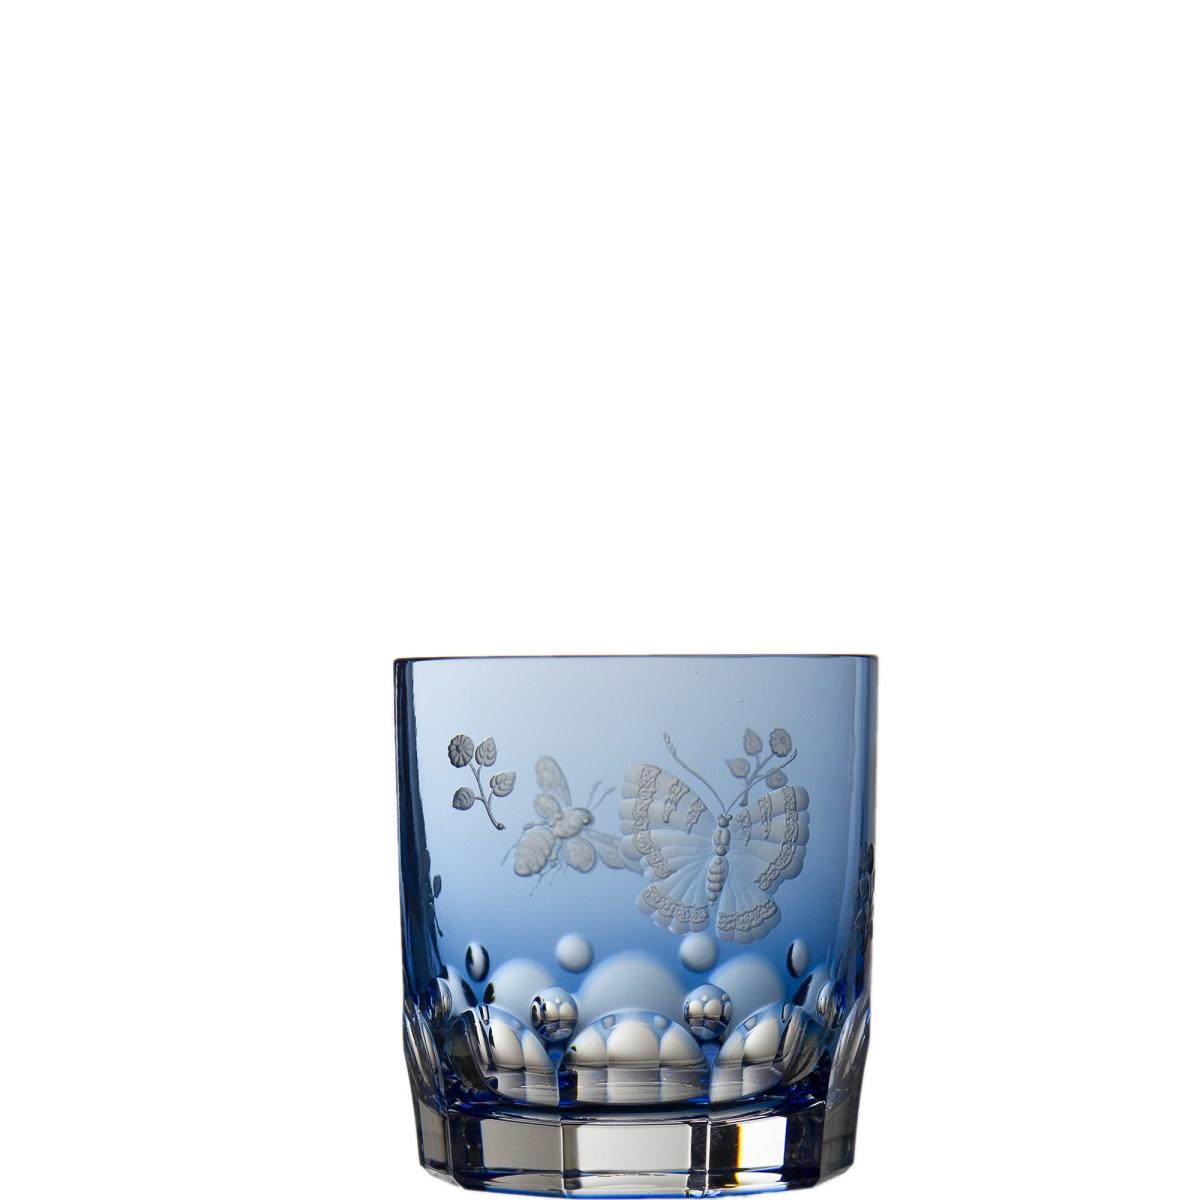 Springtime Sky Blue DOF - $ 272 / € 238